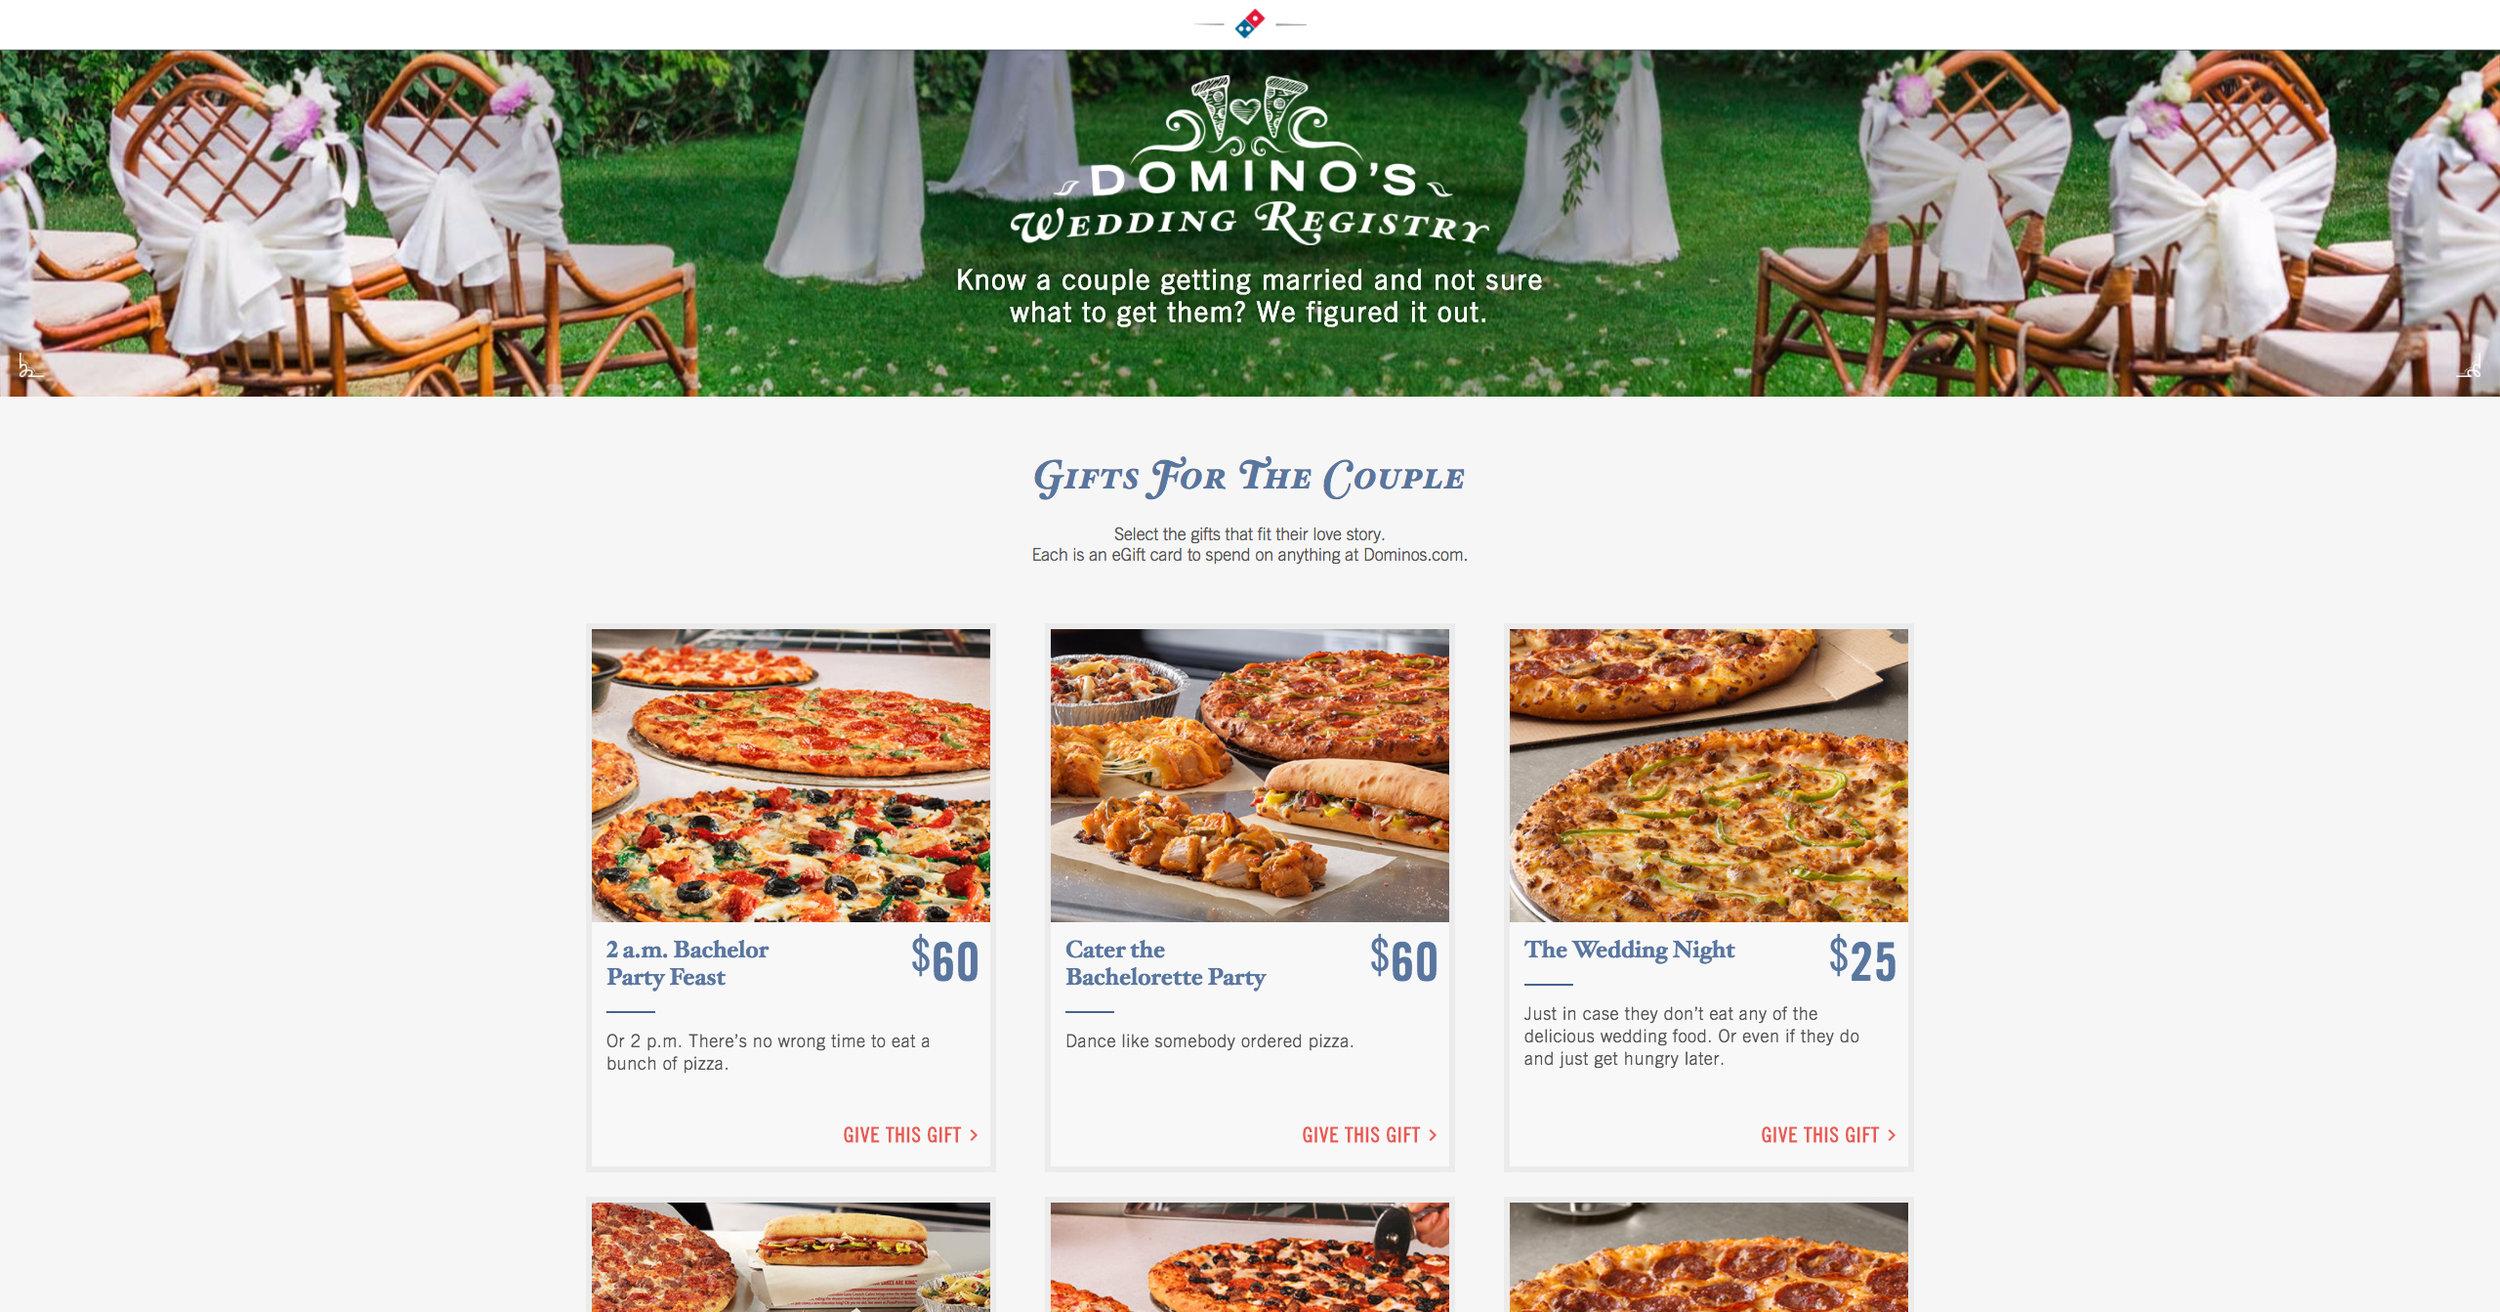 Screenshot from the Domino's Wedding Registry website